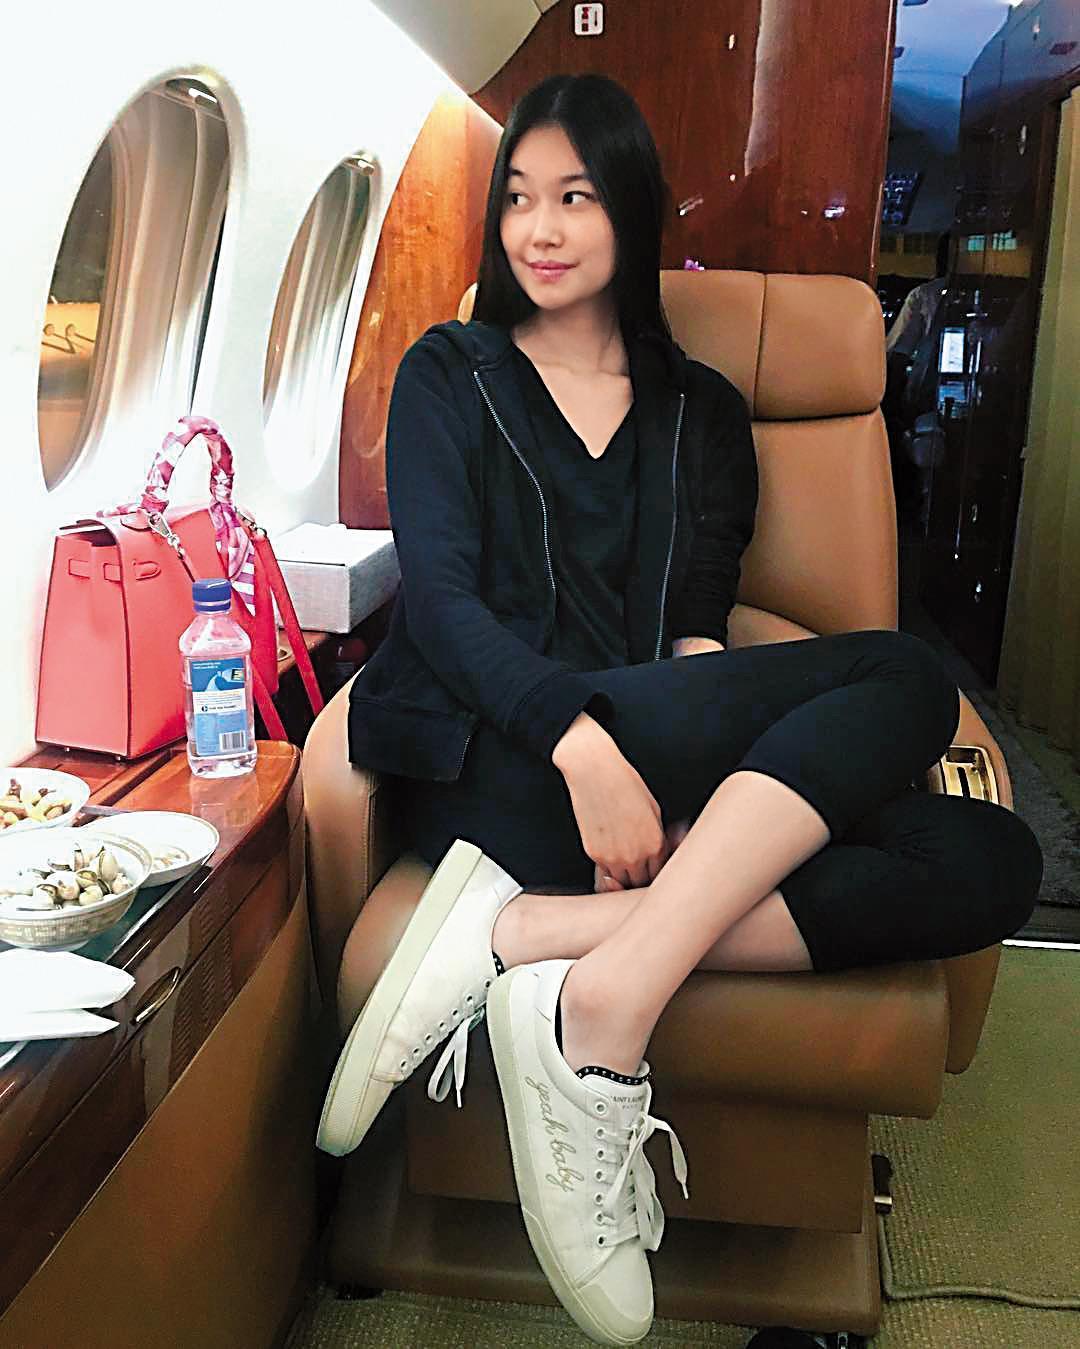 董若彤的原生家庭與母親再婚家庭都環境富裕,她出遊經常搭乘私人飛機。(翻攝自董若彤IG)